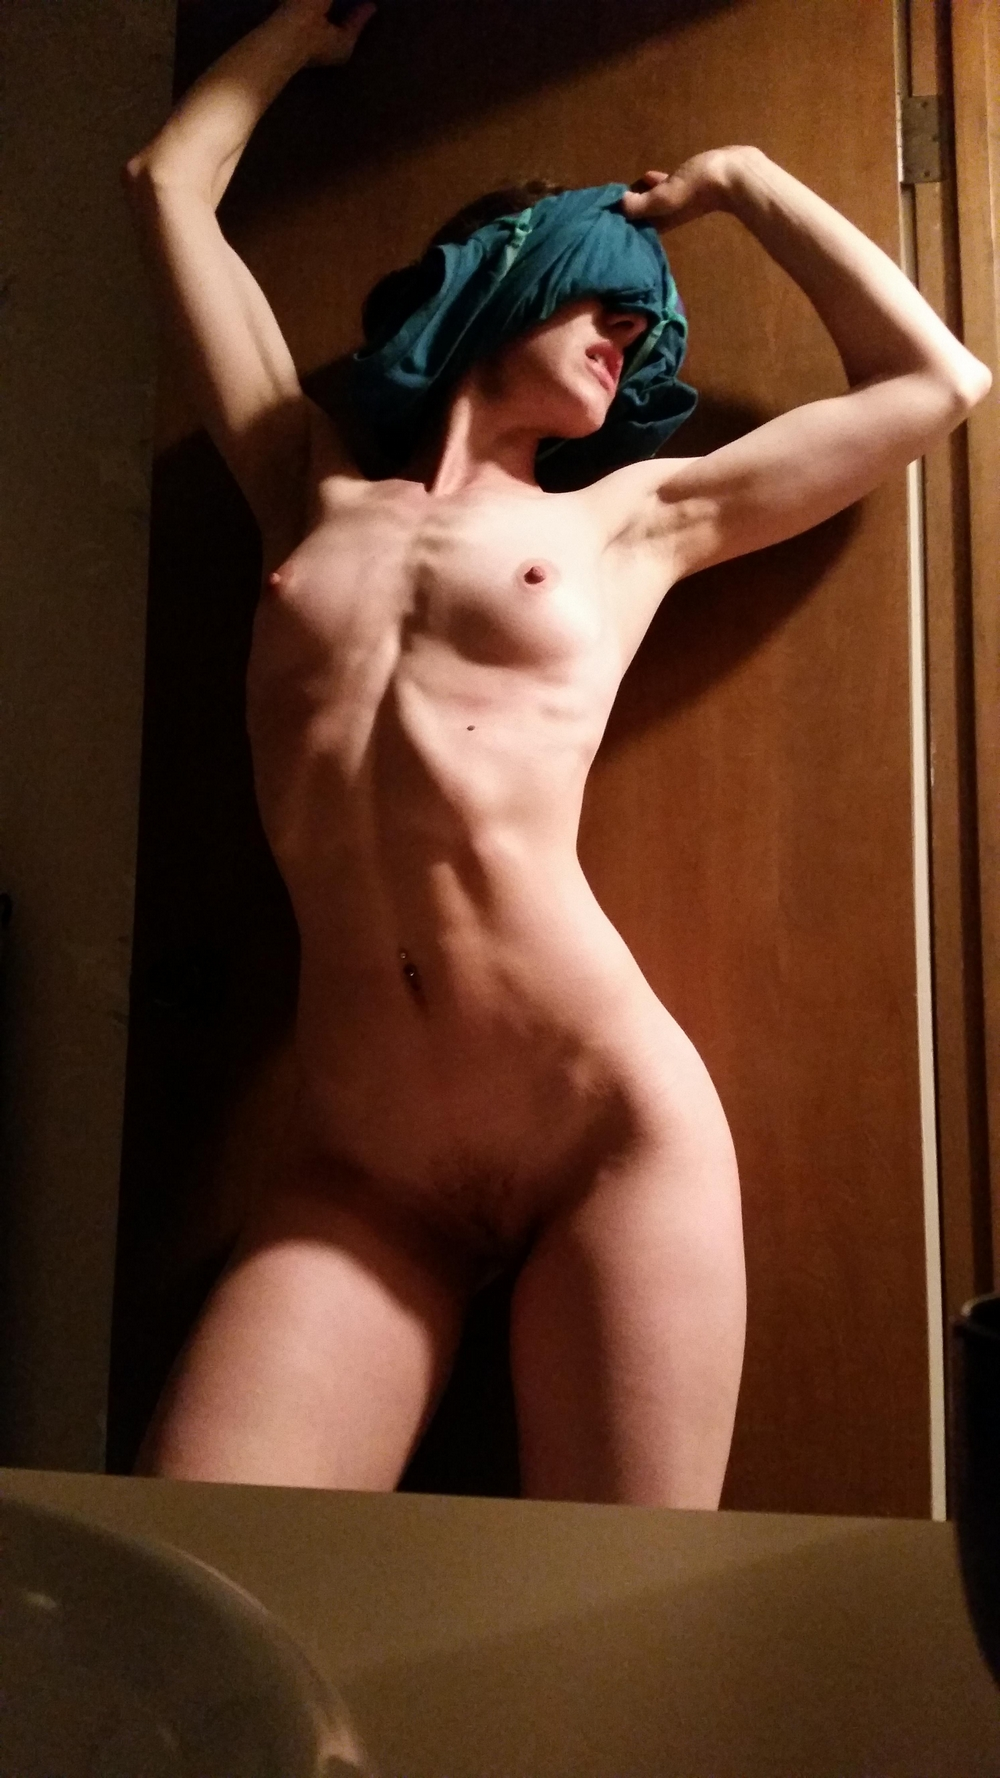 Накачанная телочка с упругими дойками позирует голышом